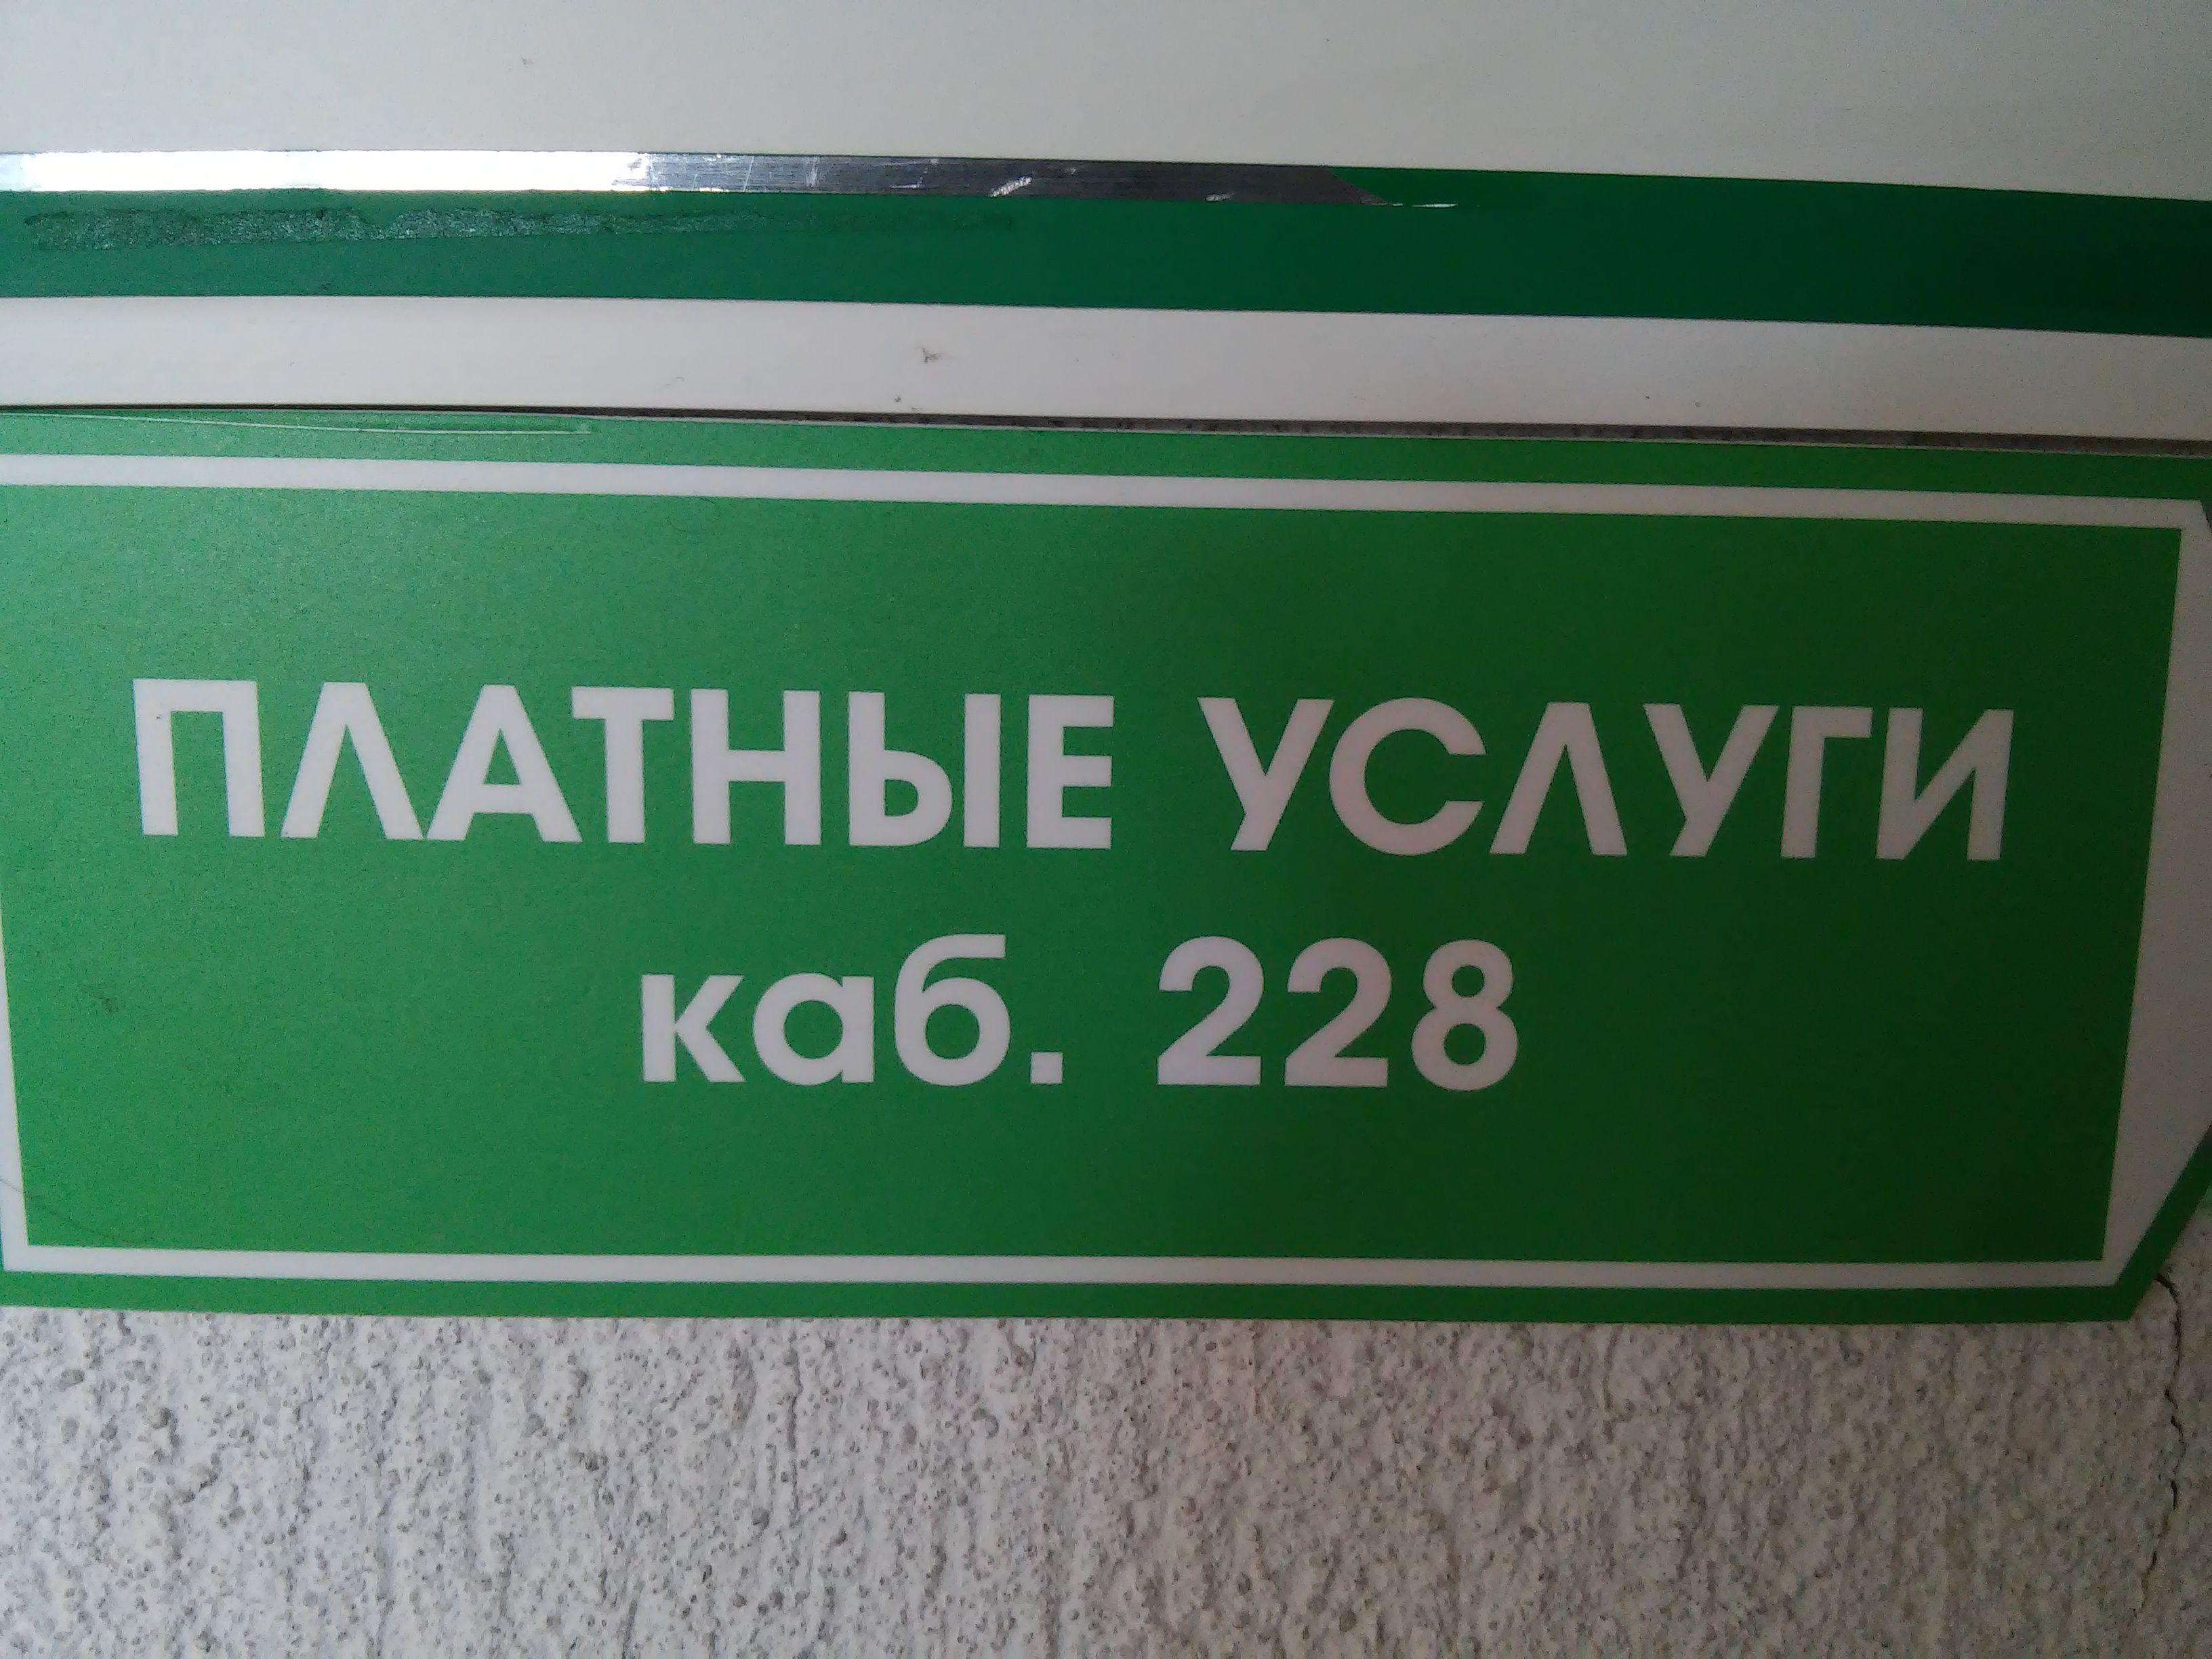 Поликлиника 1 филиал 2 москва официальный сайт